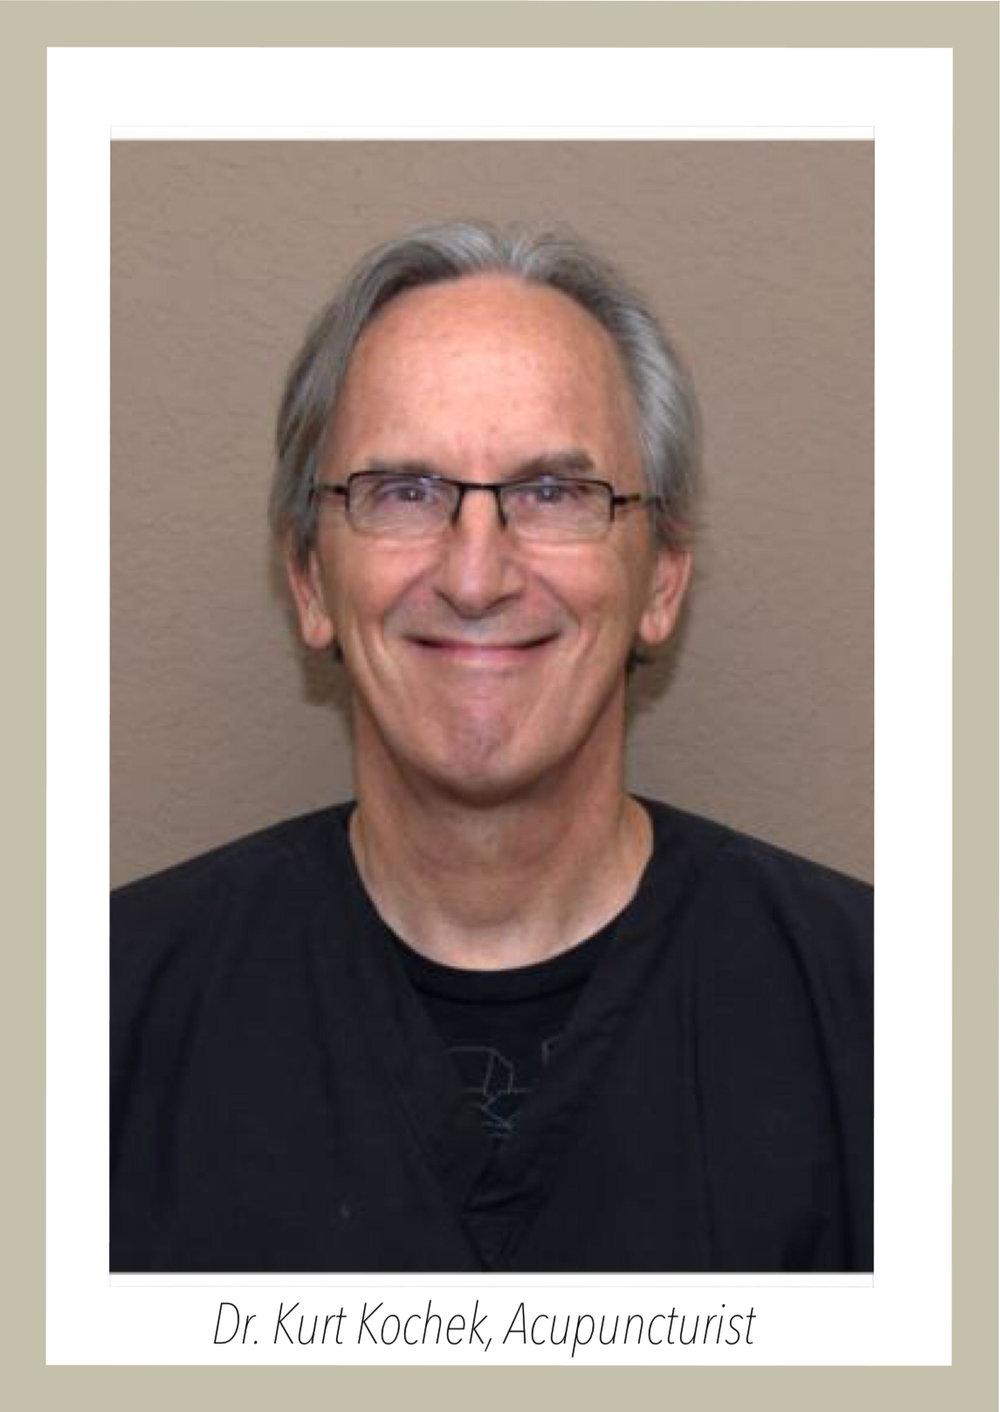 Dr.-Kurt-Kochek-Acupuncturist2.jpg